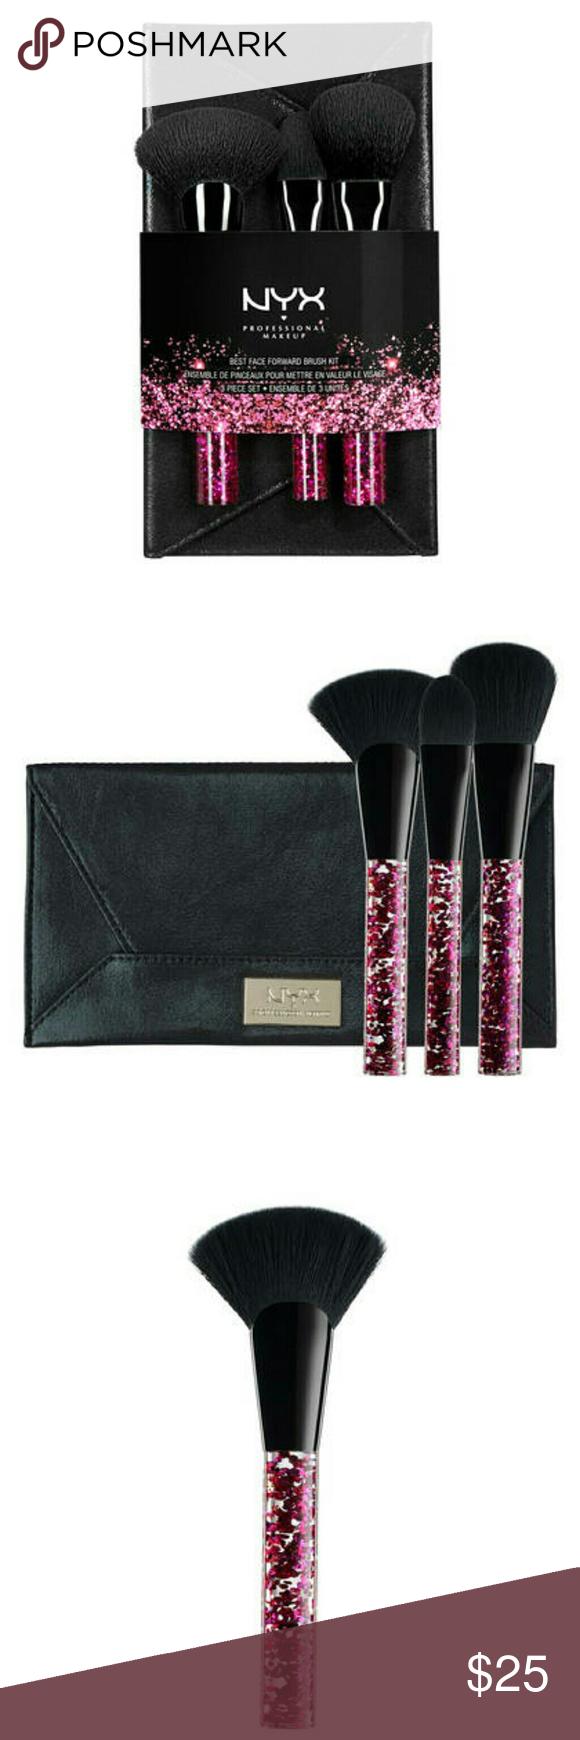 NYX Professional Makeup Brushes Professional makeup